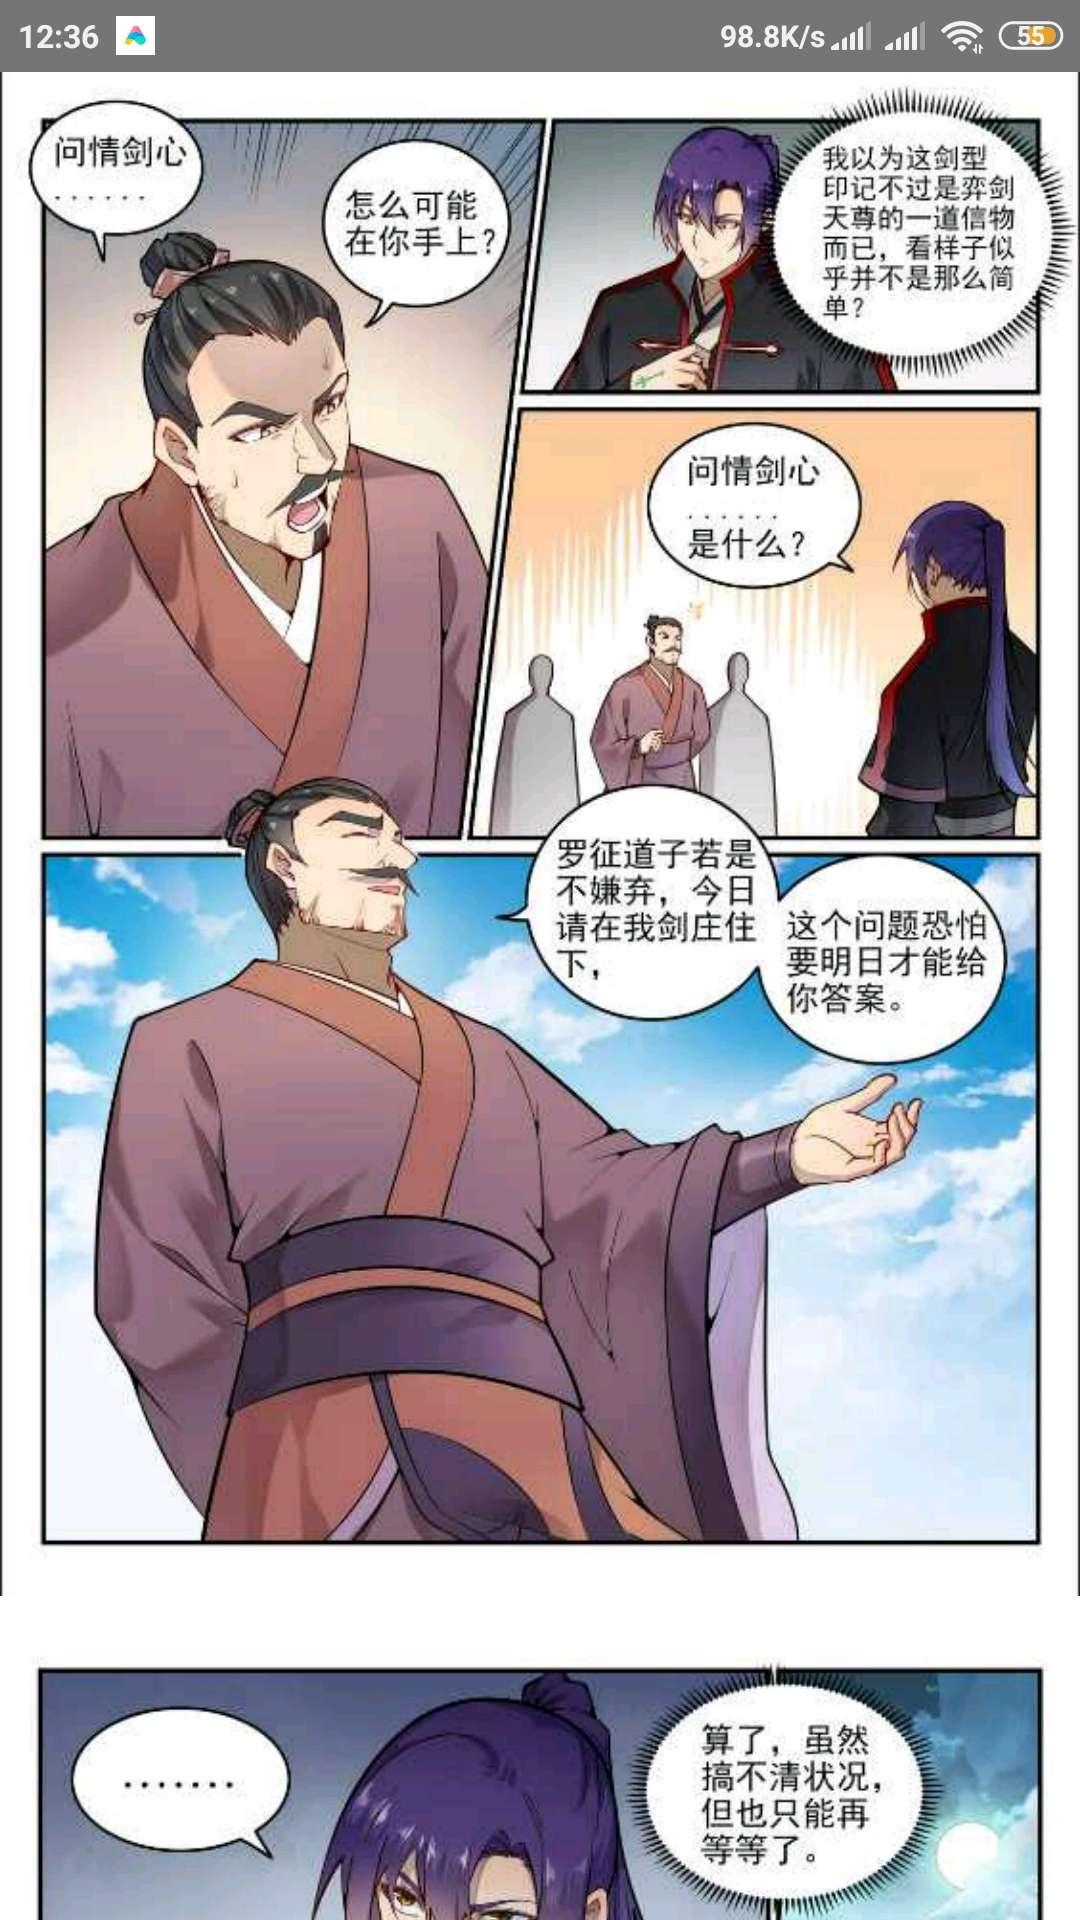 【漫画更新】百炼成神  687问情剑心-小柚妹站